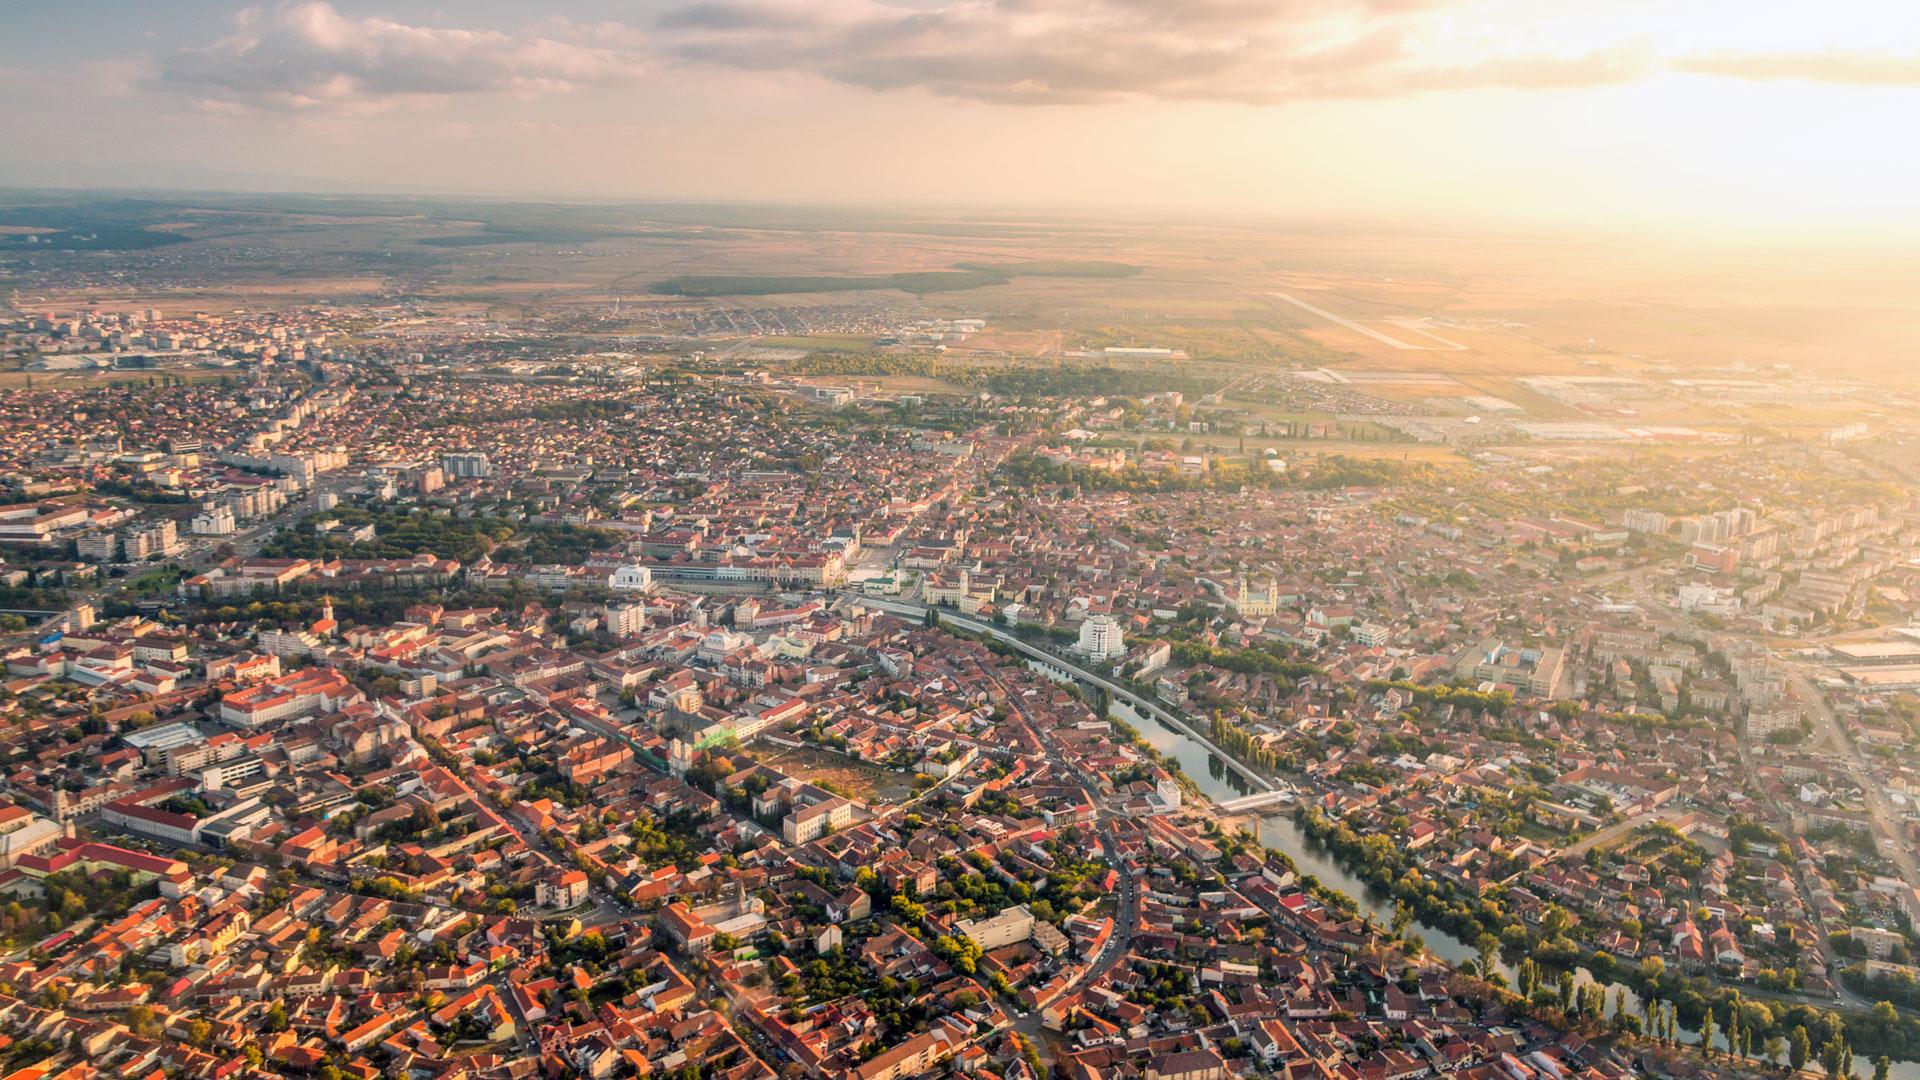 Turista, itthon – ismerjük meg jobban Nagyváradot!